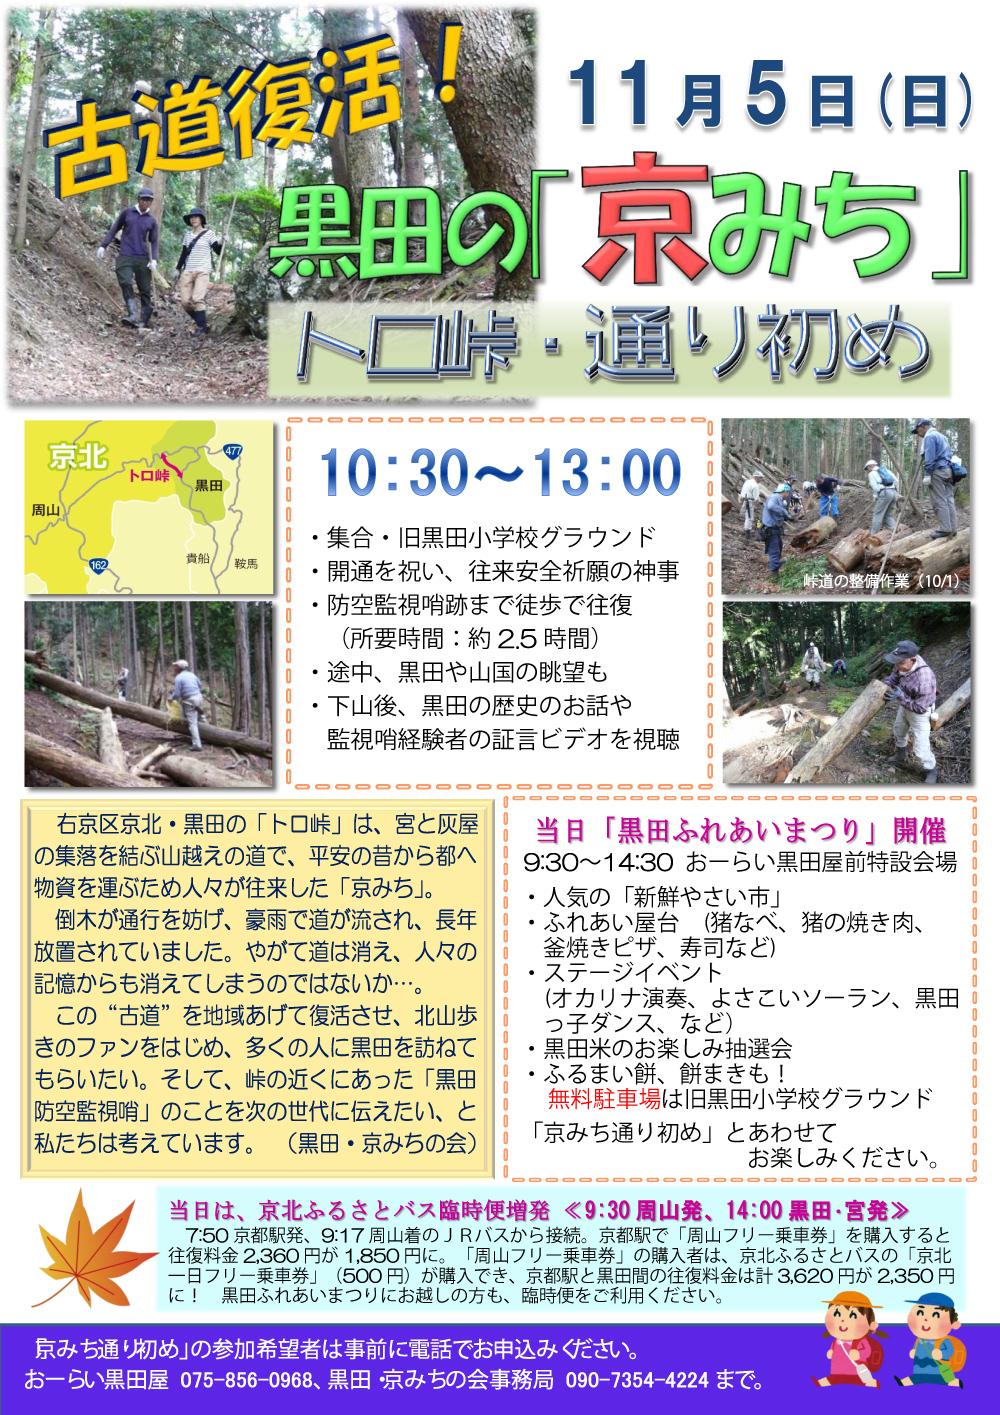 黒田の古道「京みち」復活!